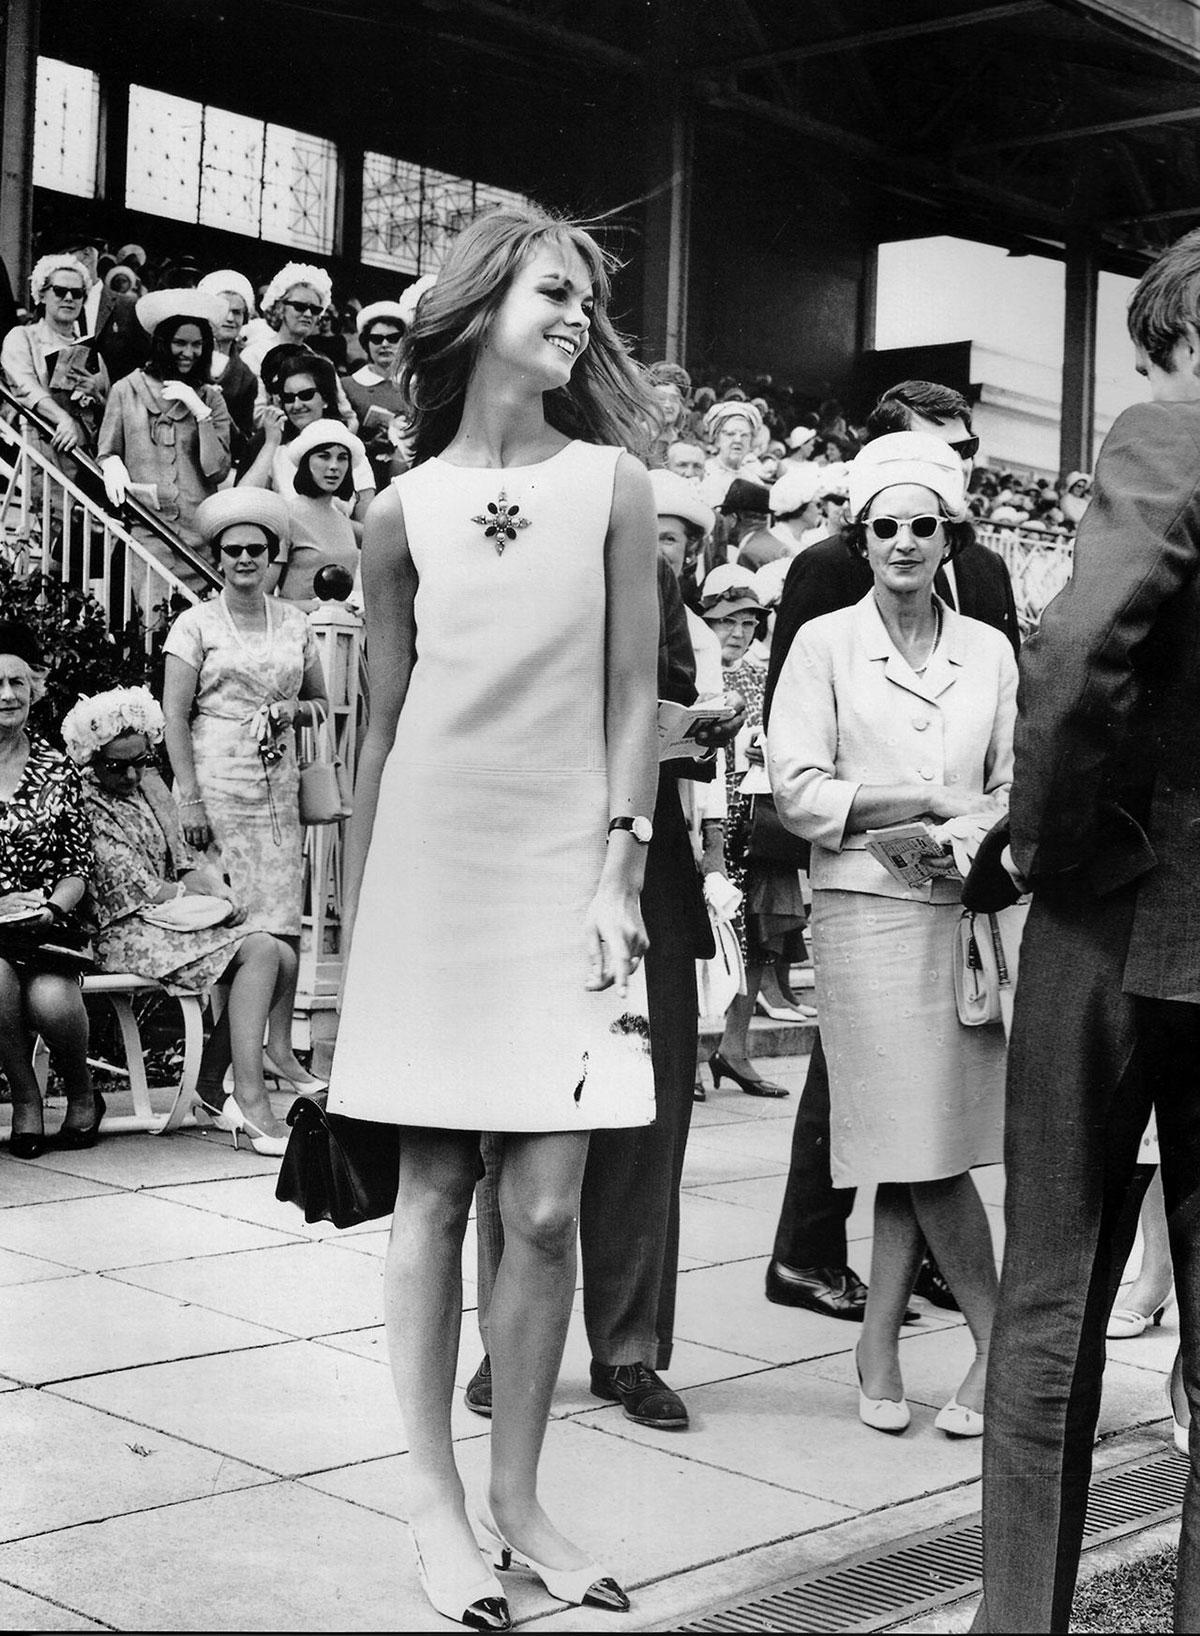 Phong cách retro thập niên 1960 của giới trí thức 2